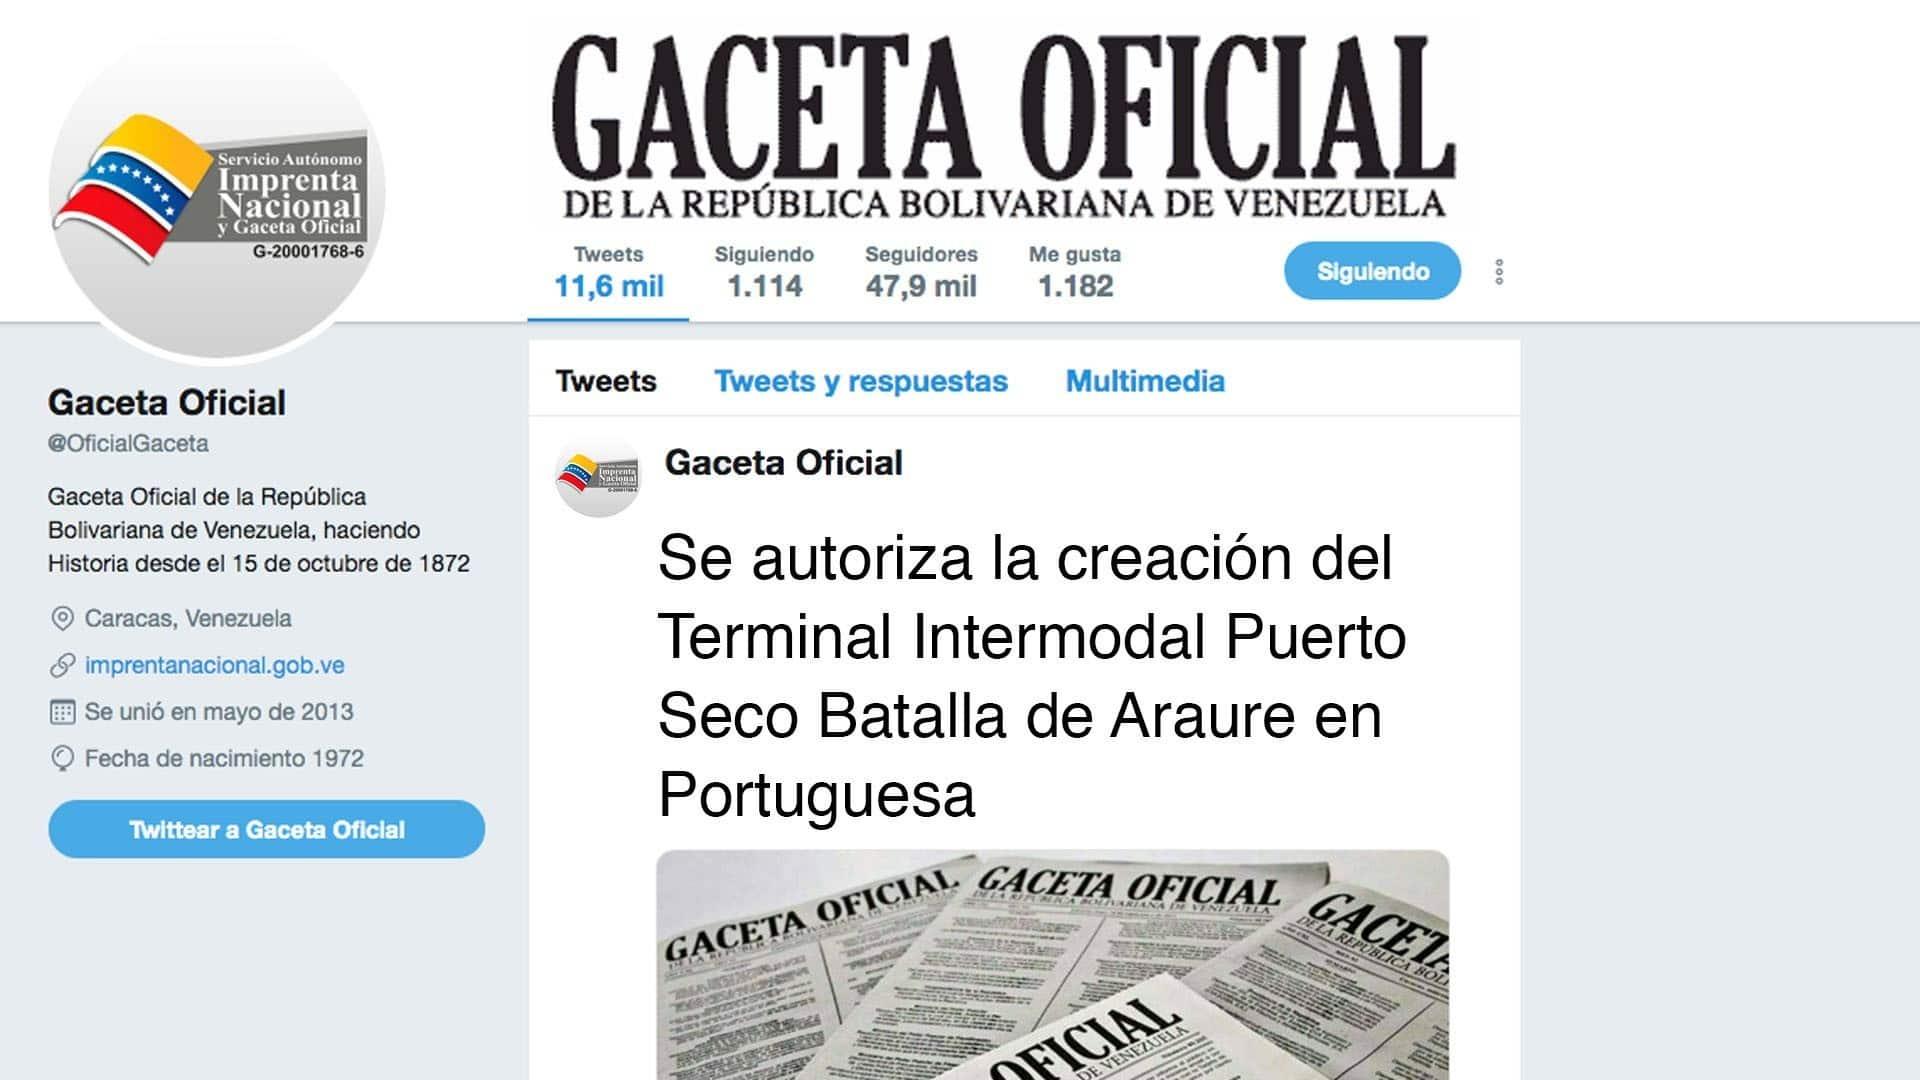 Se autoriza la creación del Terminal Intermodal Puerto Seco Batalla de Araure en Portuguesa